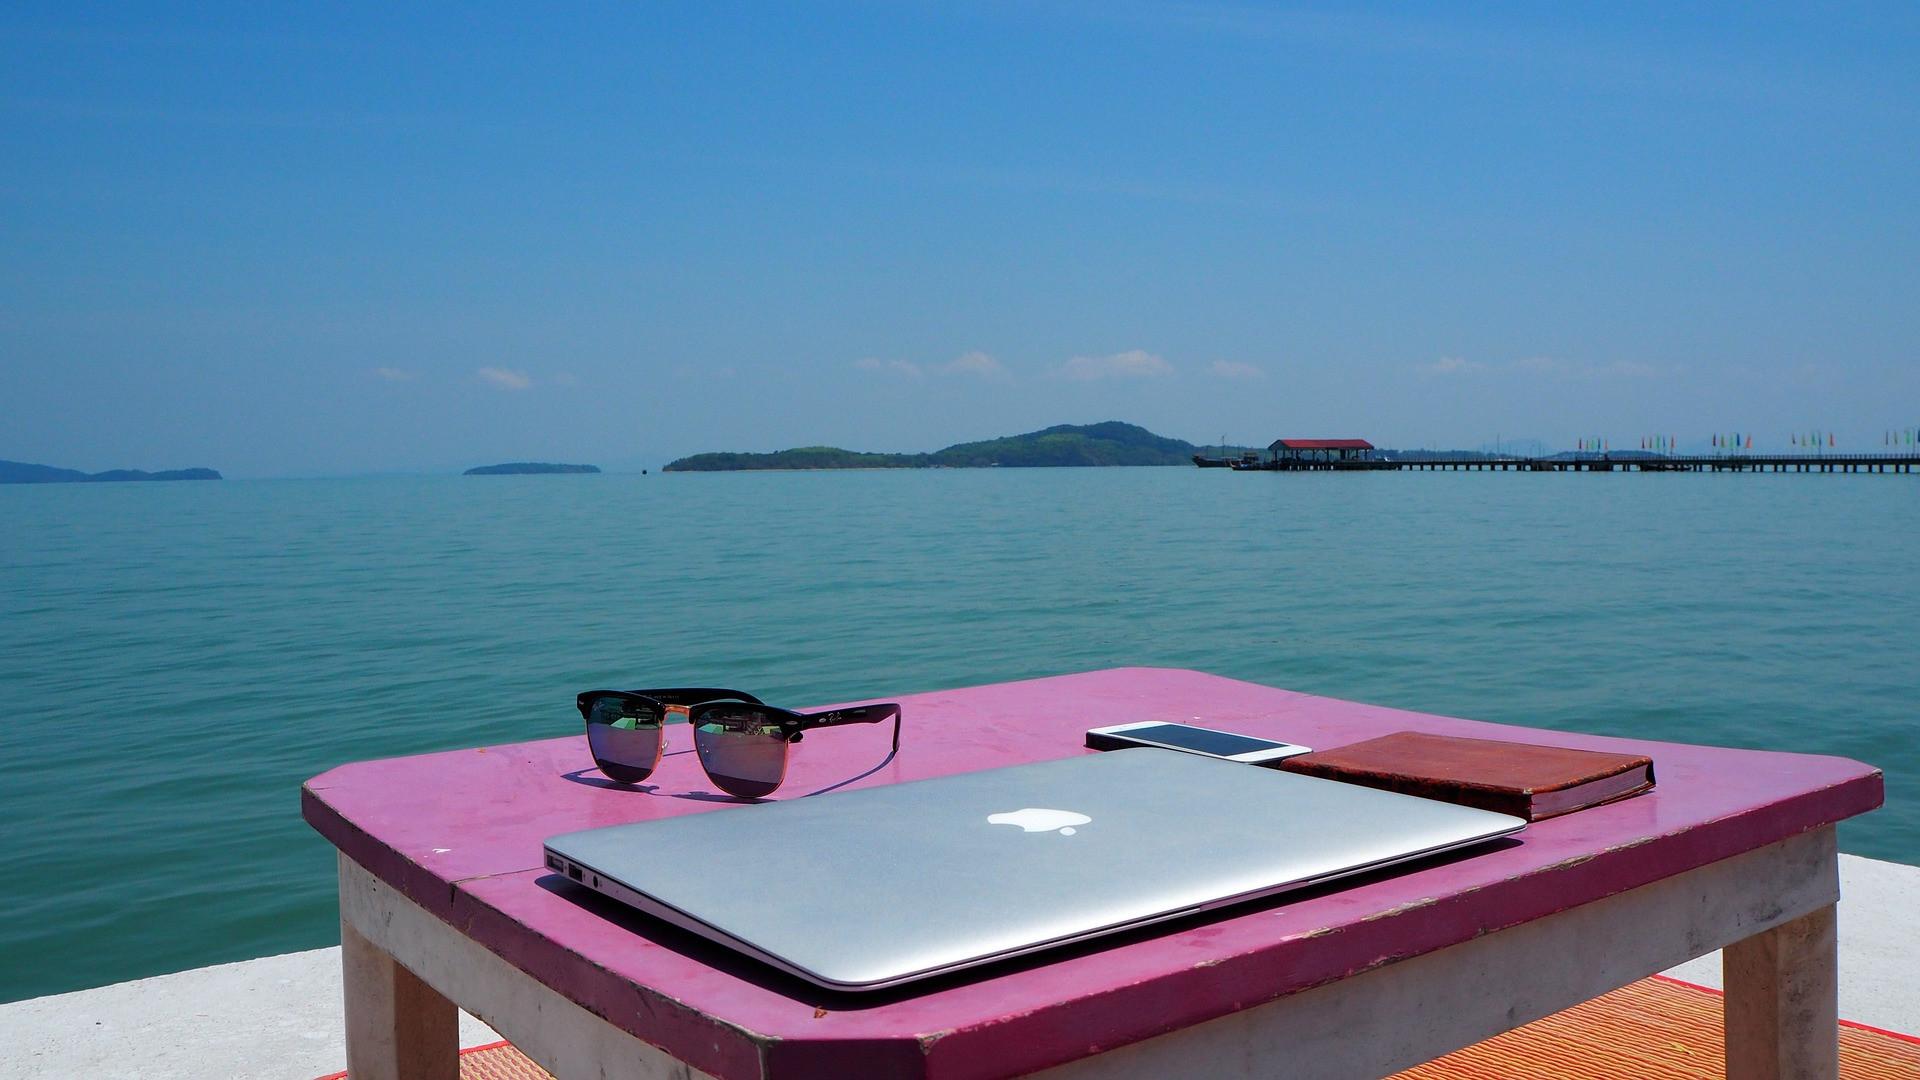 Czasami do pracy wystarczy komputer i telefon... no i internet (fot. pixabay.com)